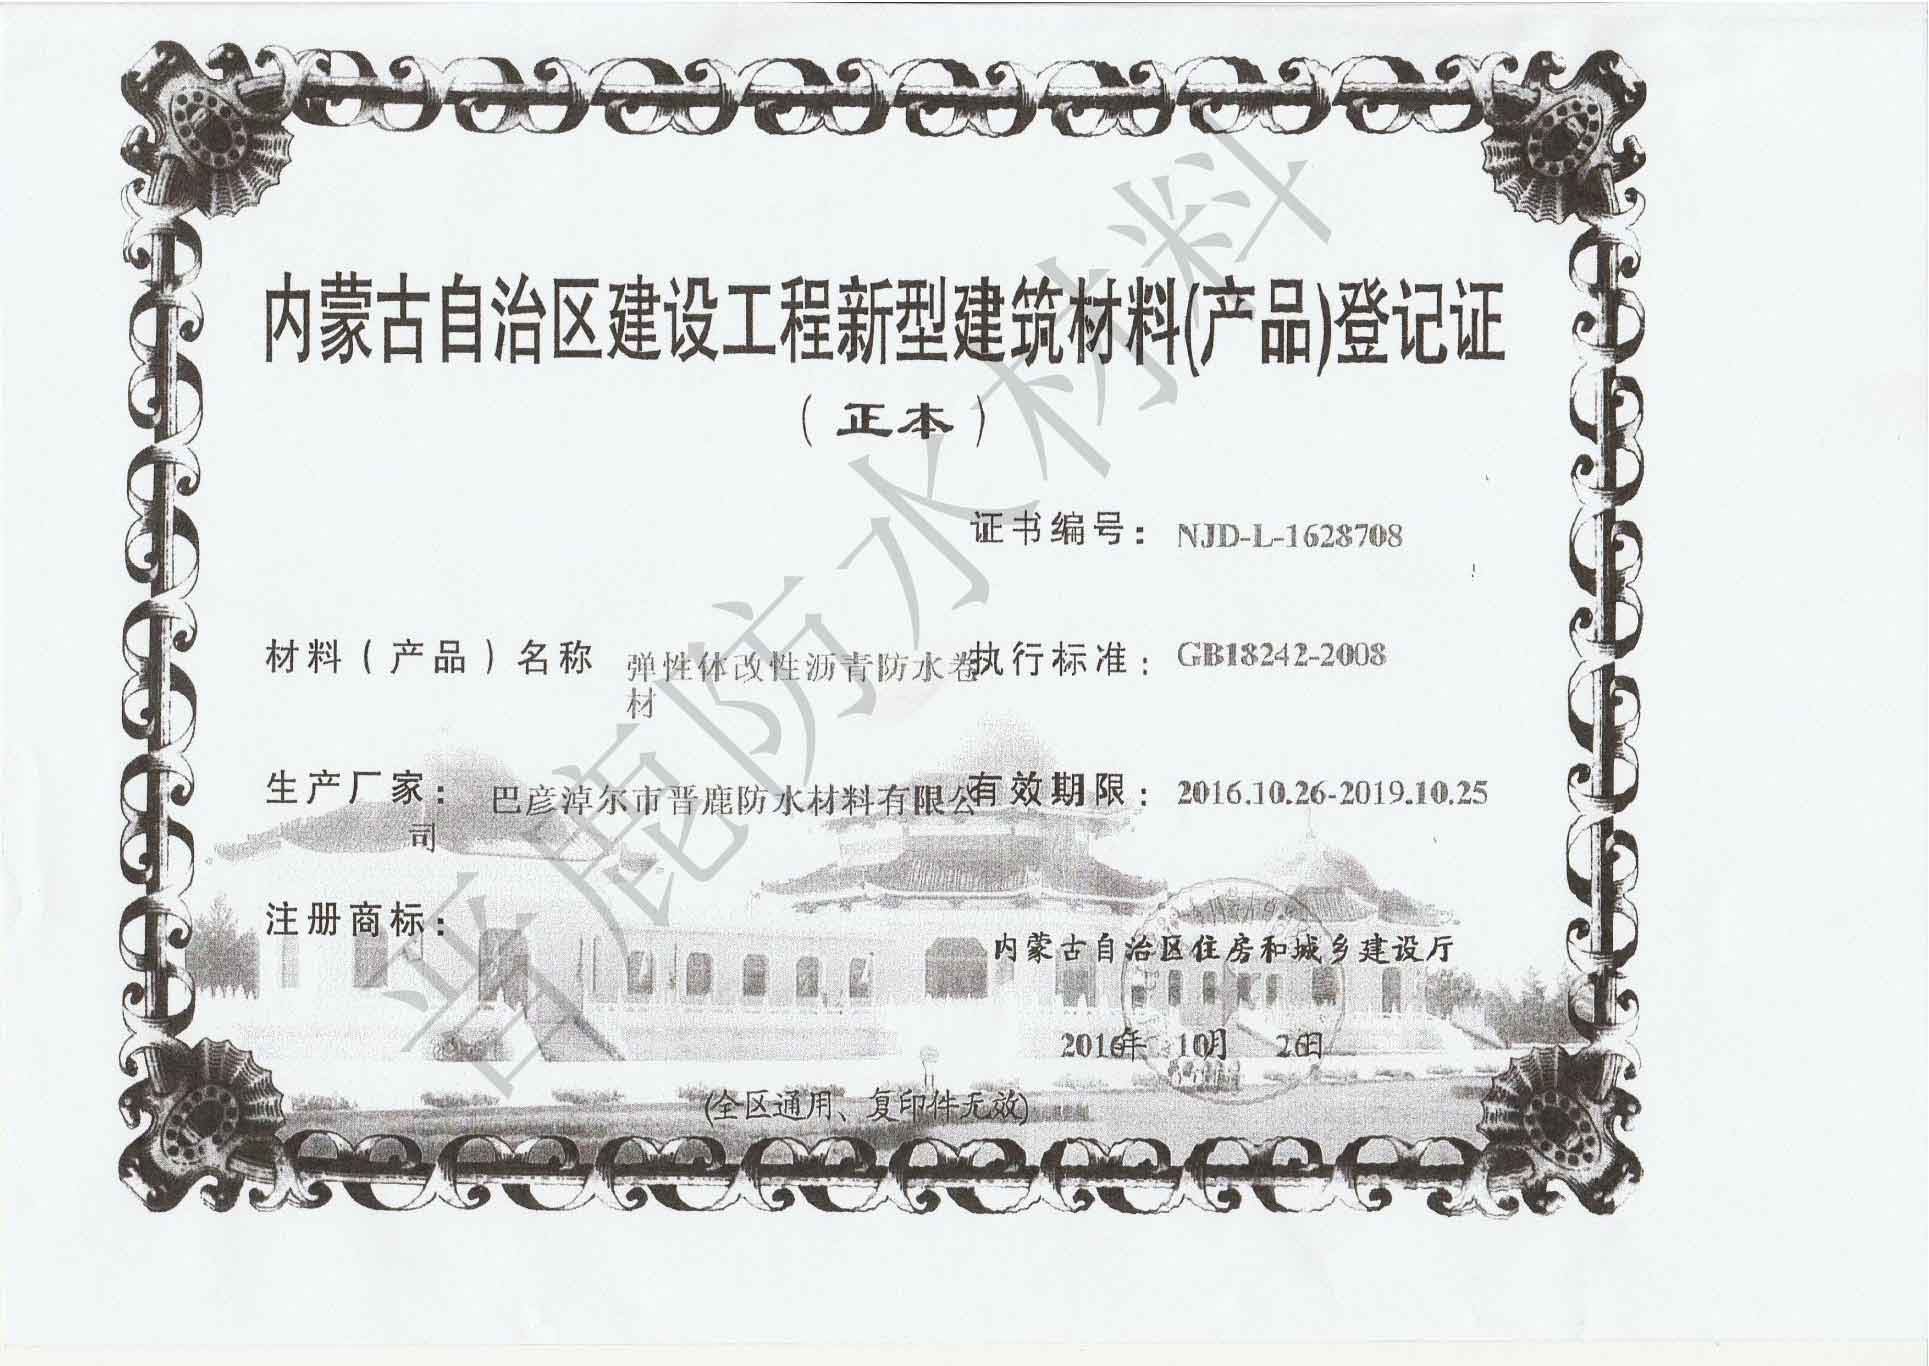 内蒙古自治区建设工程新型建筑材料(产品)登记证(正本)